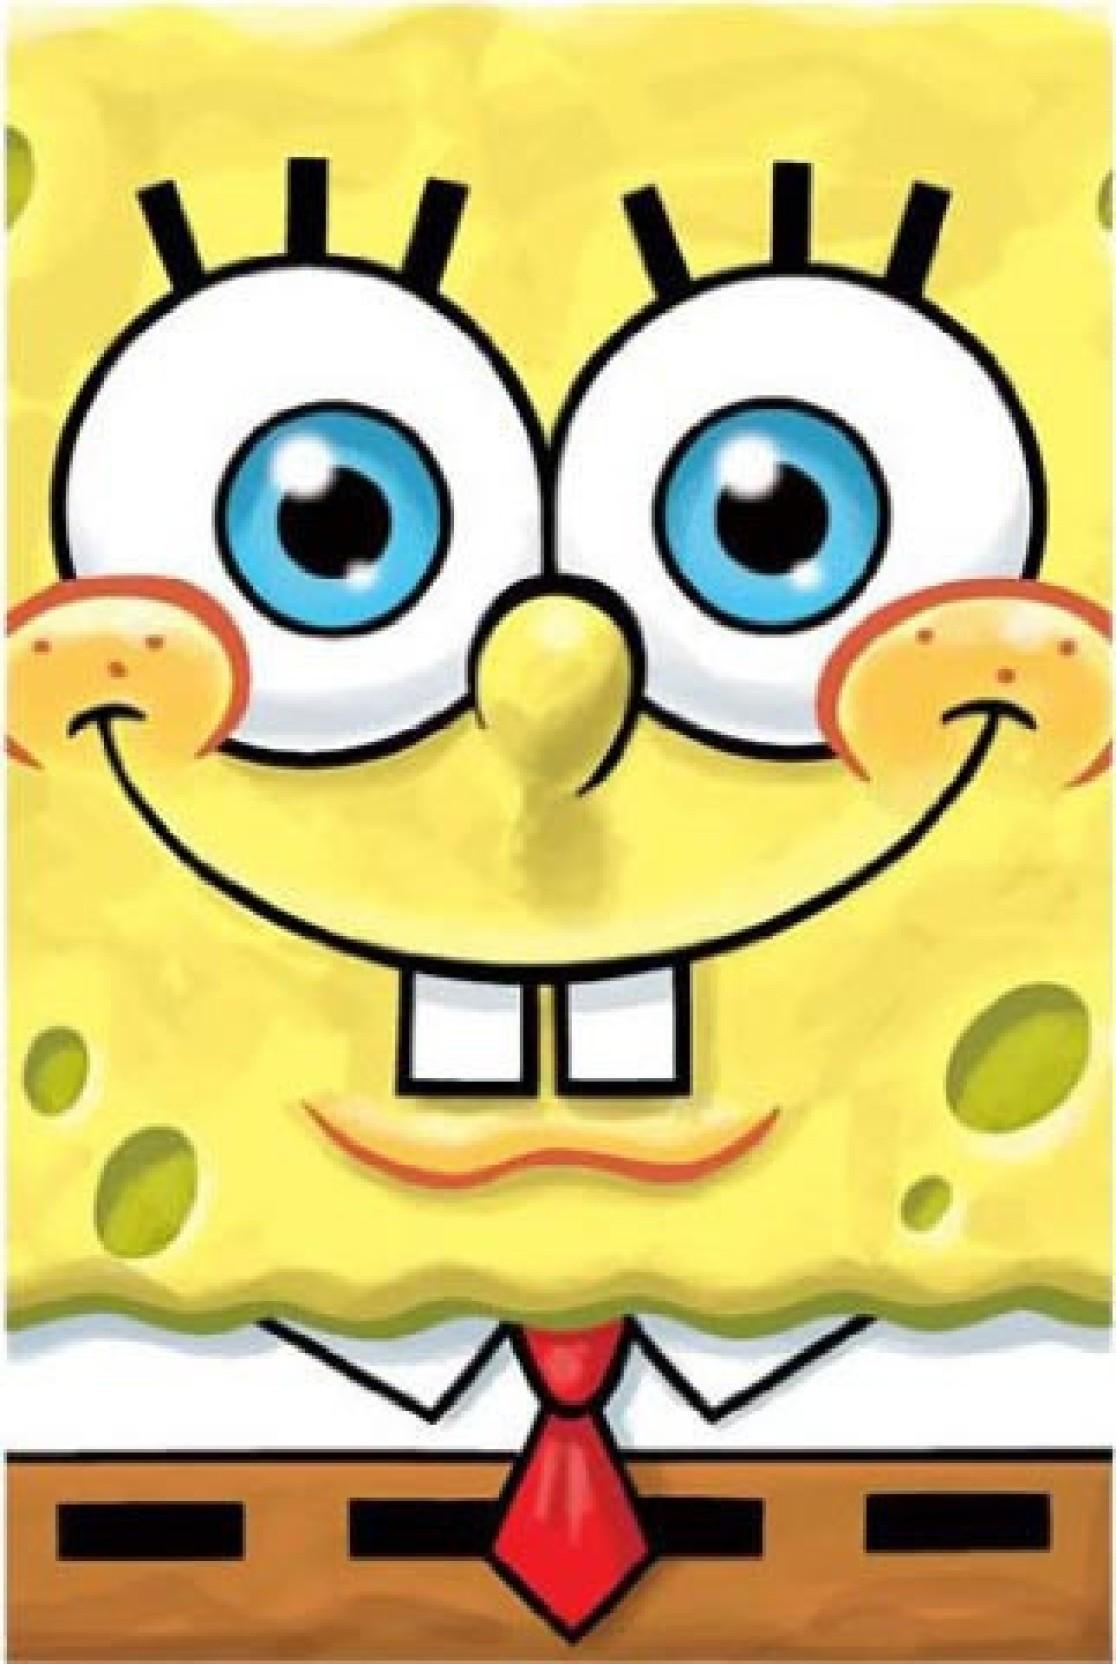 Nickelodeon Spongebob Squarepants Smile Poster Paper Print ...